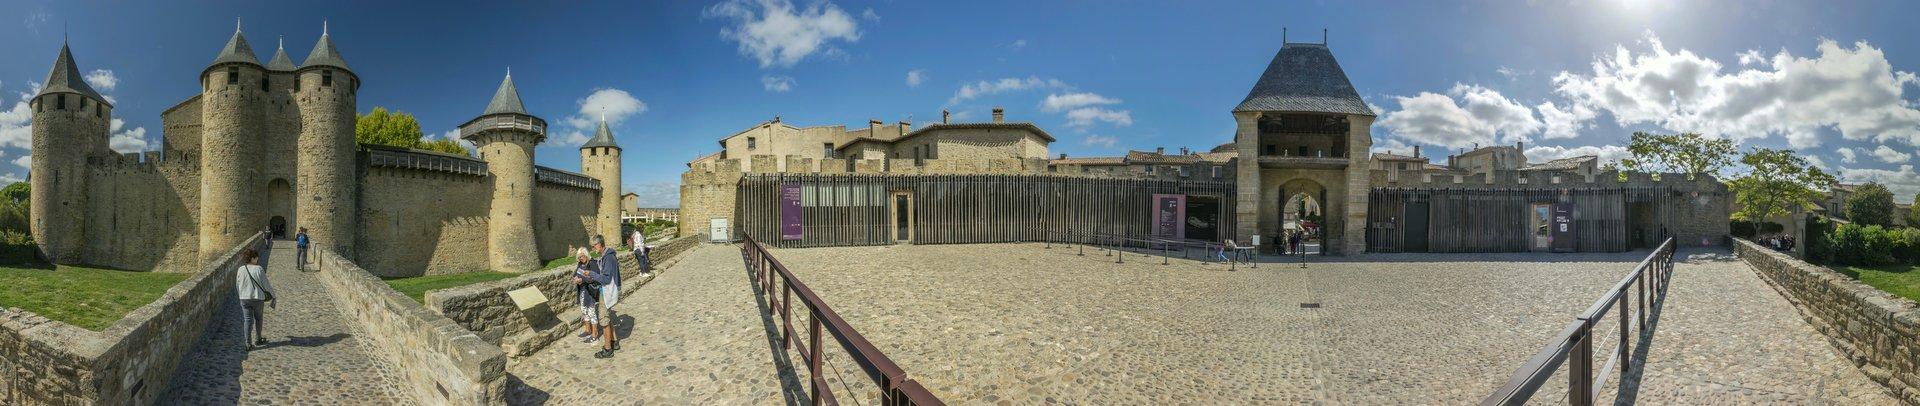 Porte de l'Est des Château Comtal in der Cité Carcassonne